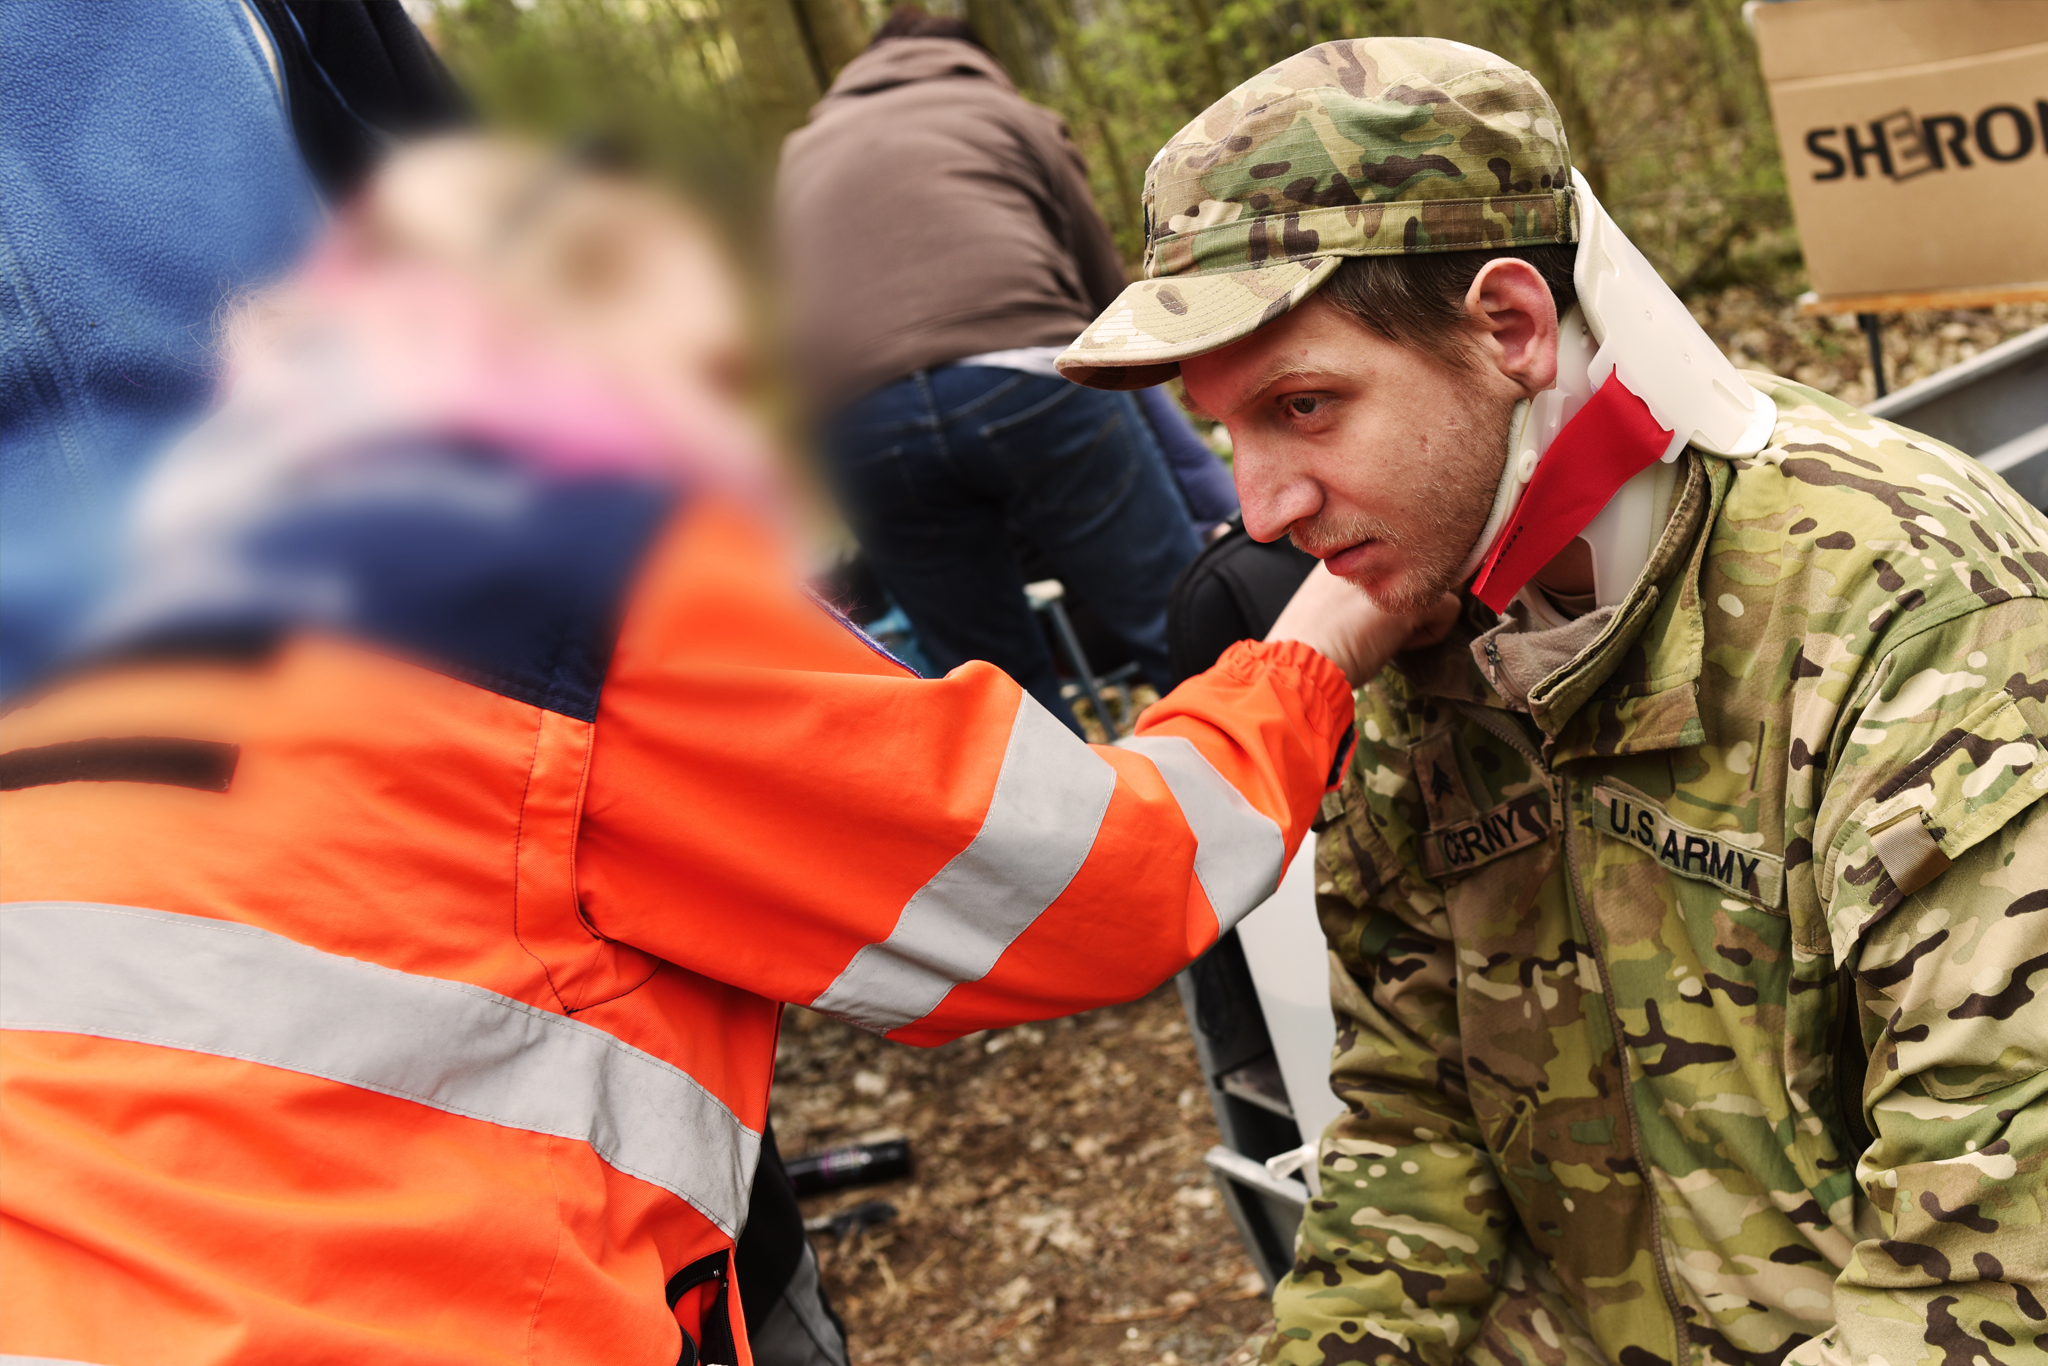 Tohle není skutečné zranění. Podporujeme totiž výcvik záchranářů a děláme pro ně figuranty